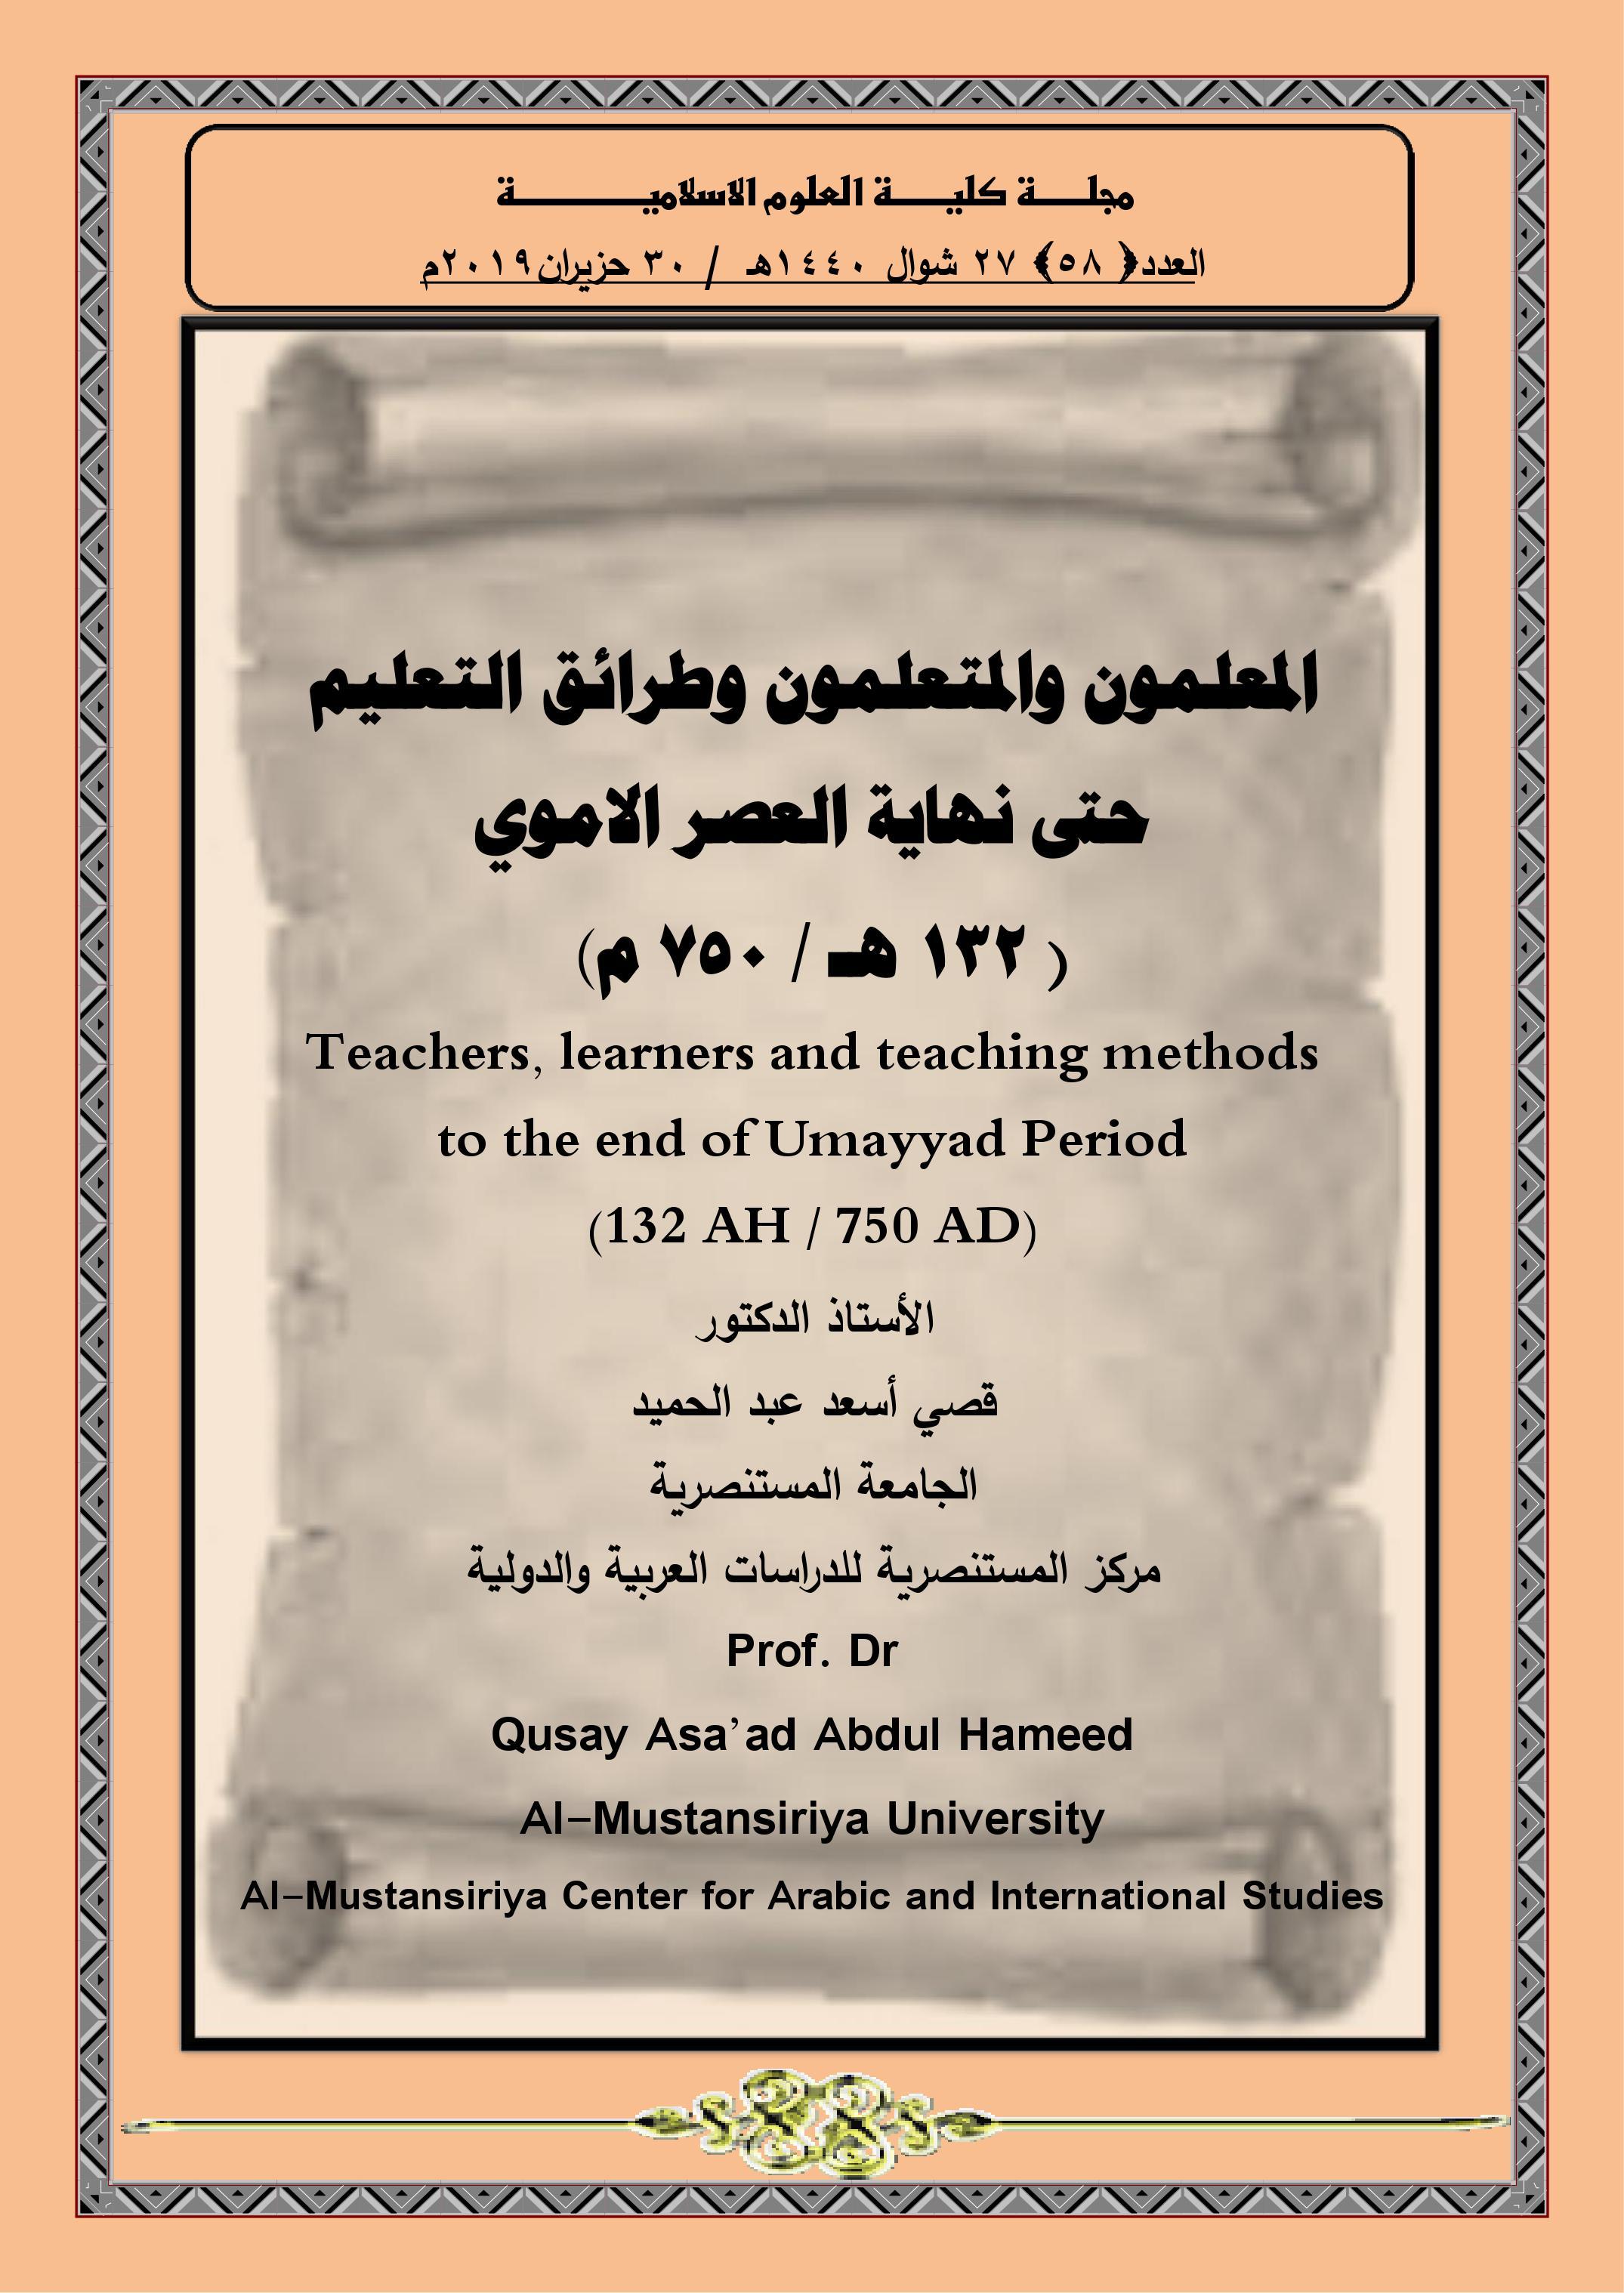 المعلمون والمتعلمون وطرائق التعليم حتى نهاية العصر الاموي ( 132 هـ / 750 م )